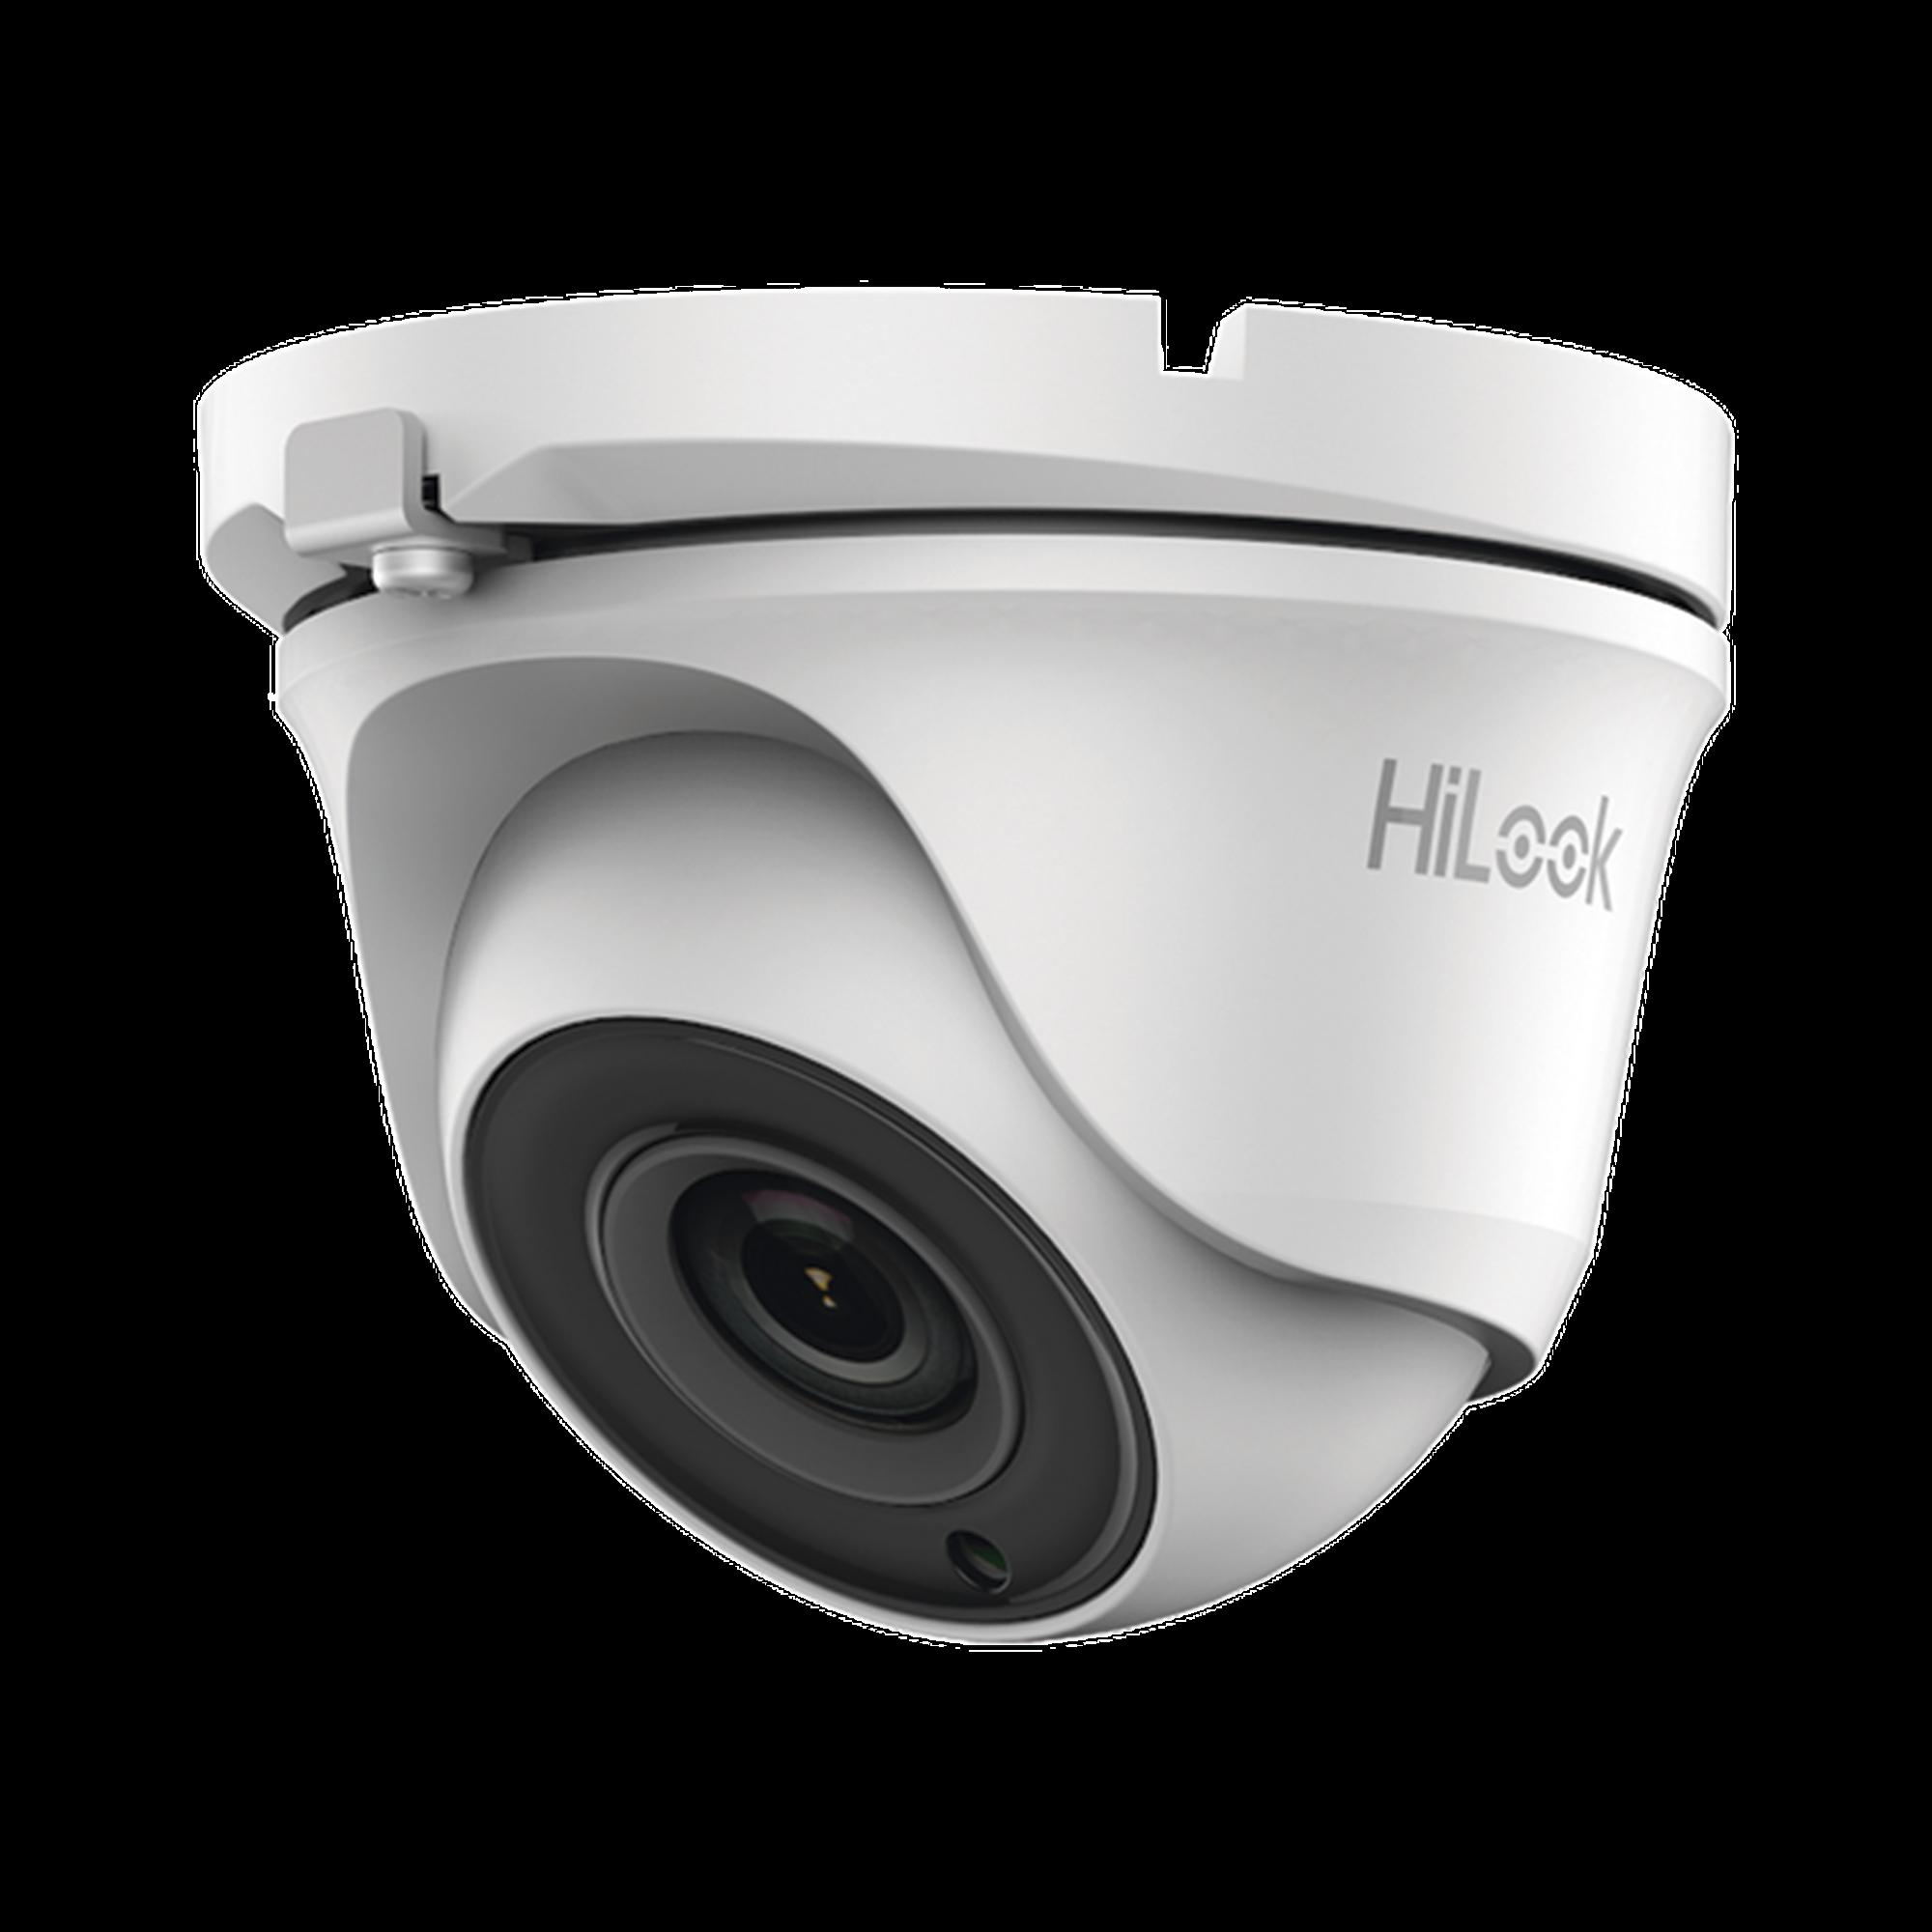 Turret TURBOHD 1 Megapixel (720p) / Lente 2.8 mm / 20 mts IR EXIR / 4 Tecnologías (TVI / AHD / CVI / CVBS) / IP66